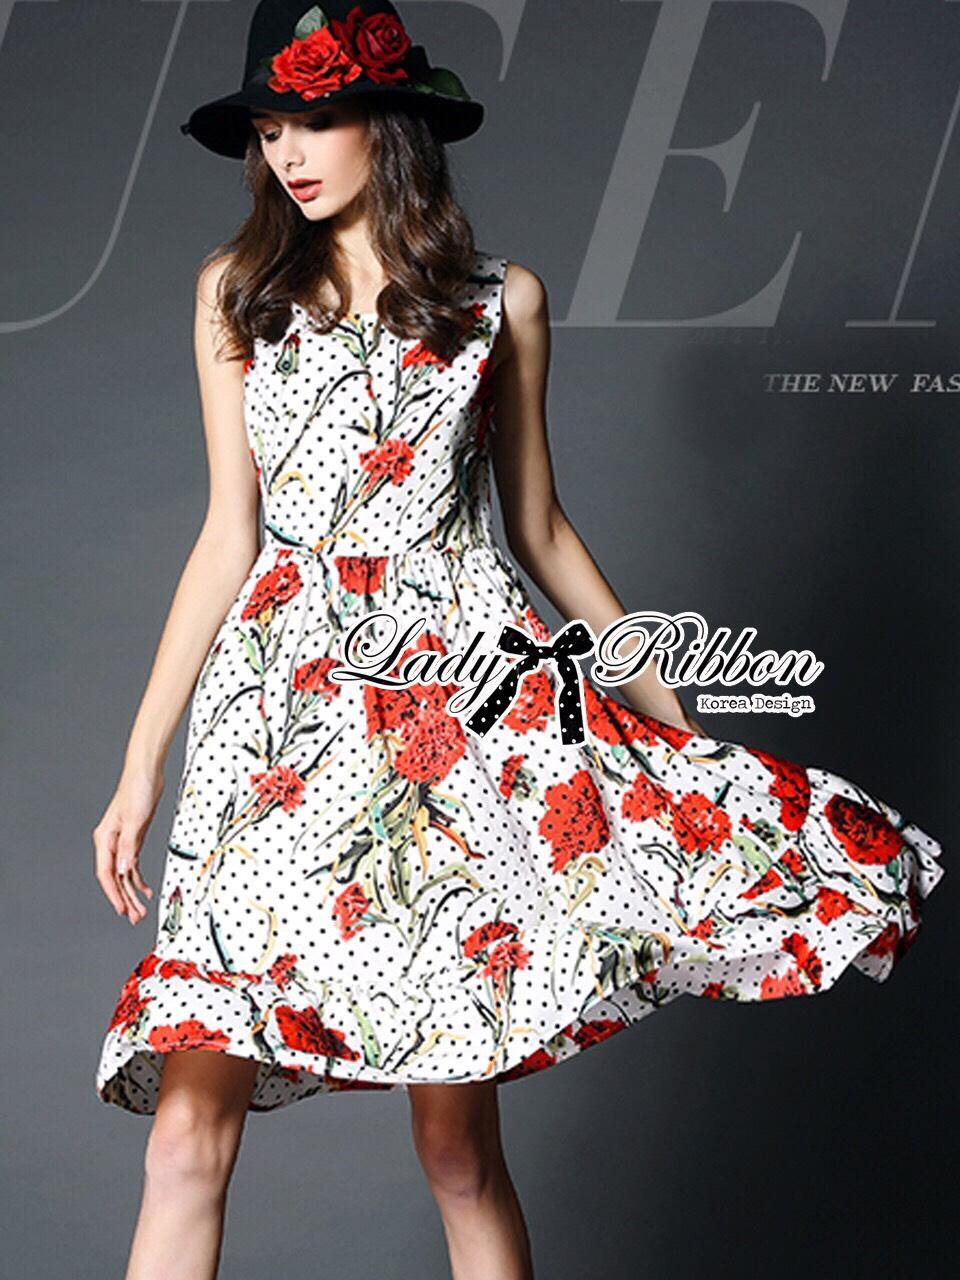 ชุดเดรสเกาหลี พร้อมส่งเดรสแขนกุดลายจุดพิมพ์ลายดอกไม้สีแดงสไตล์Dolce & Gabbana